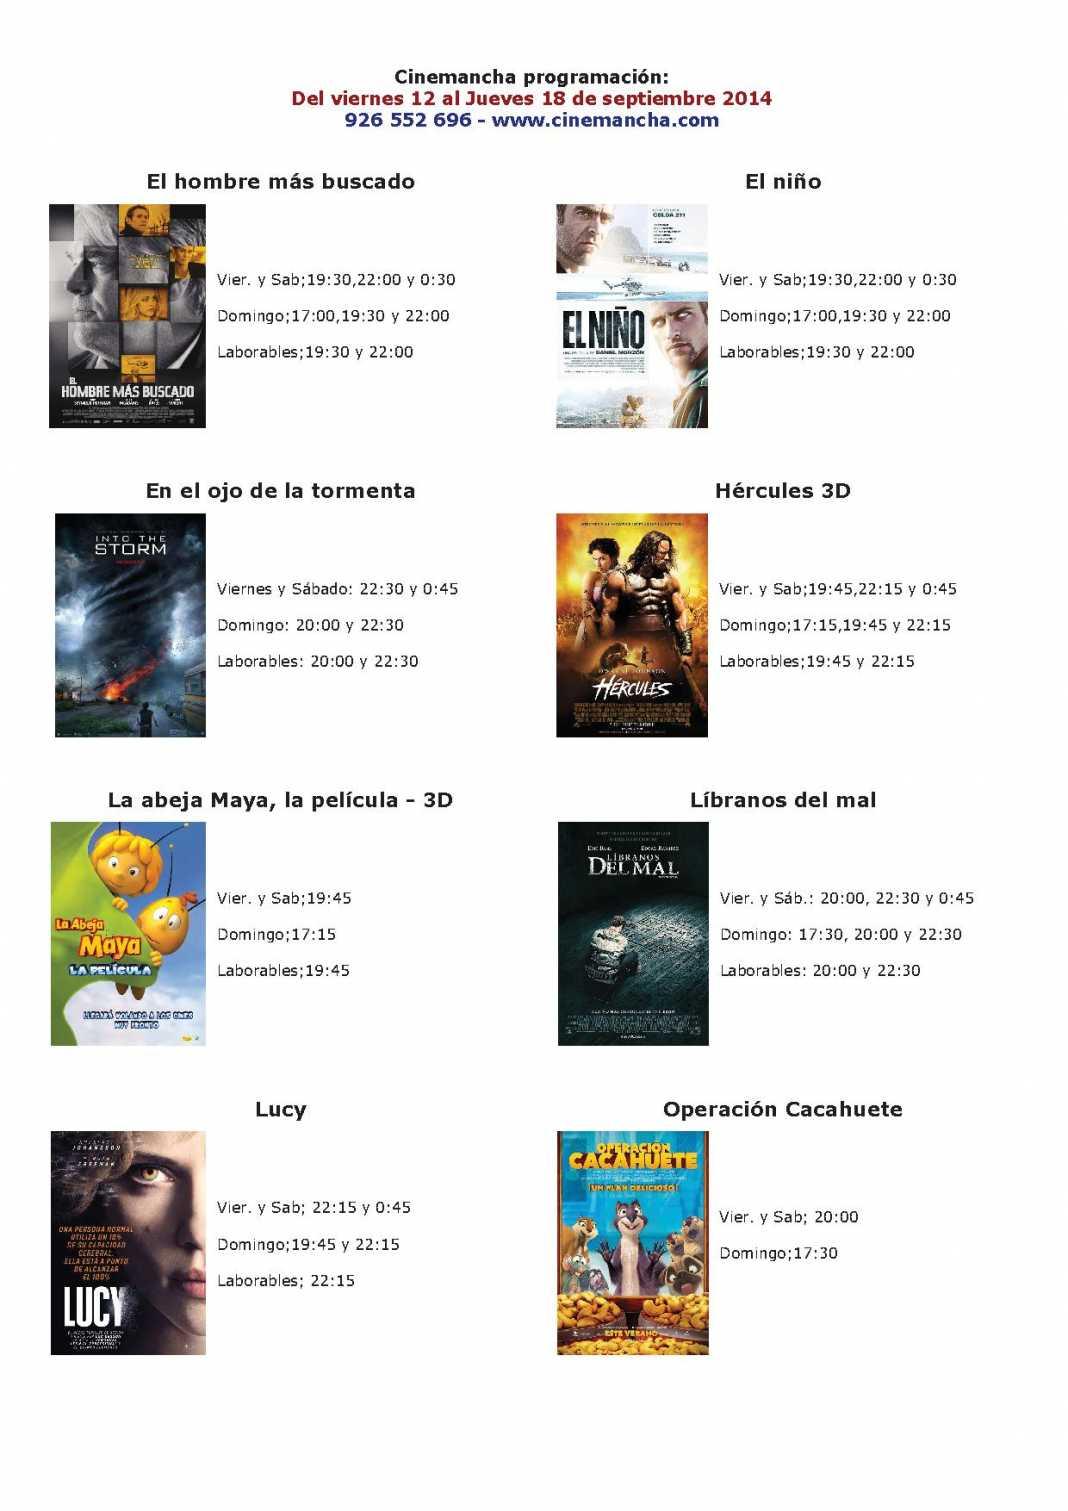 Cartelera de Cinemancha del 12 al 18 de septiembre  1